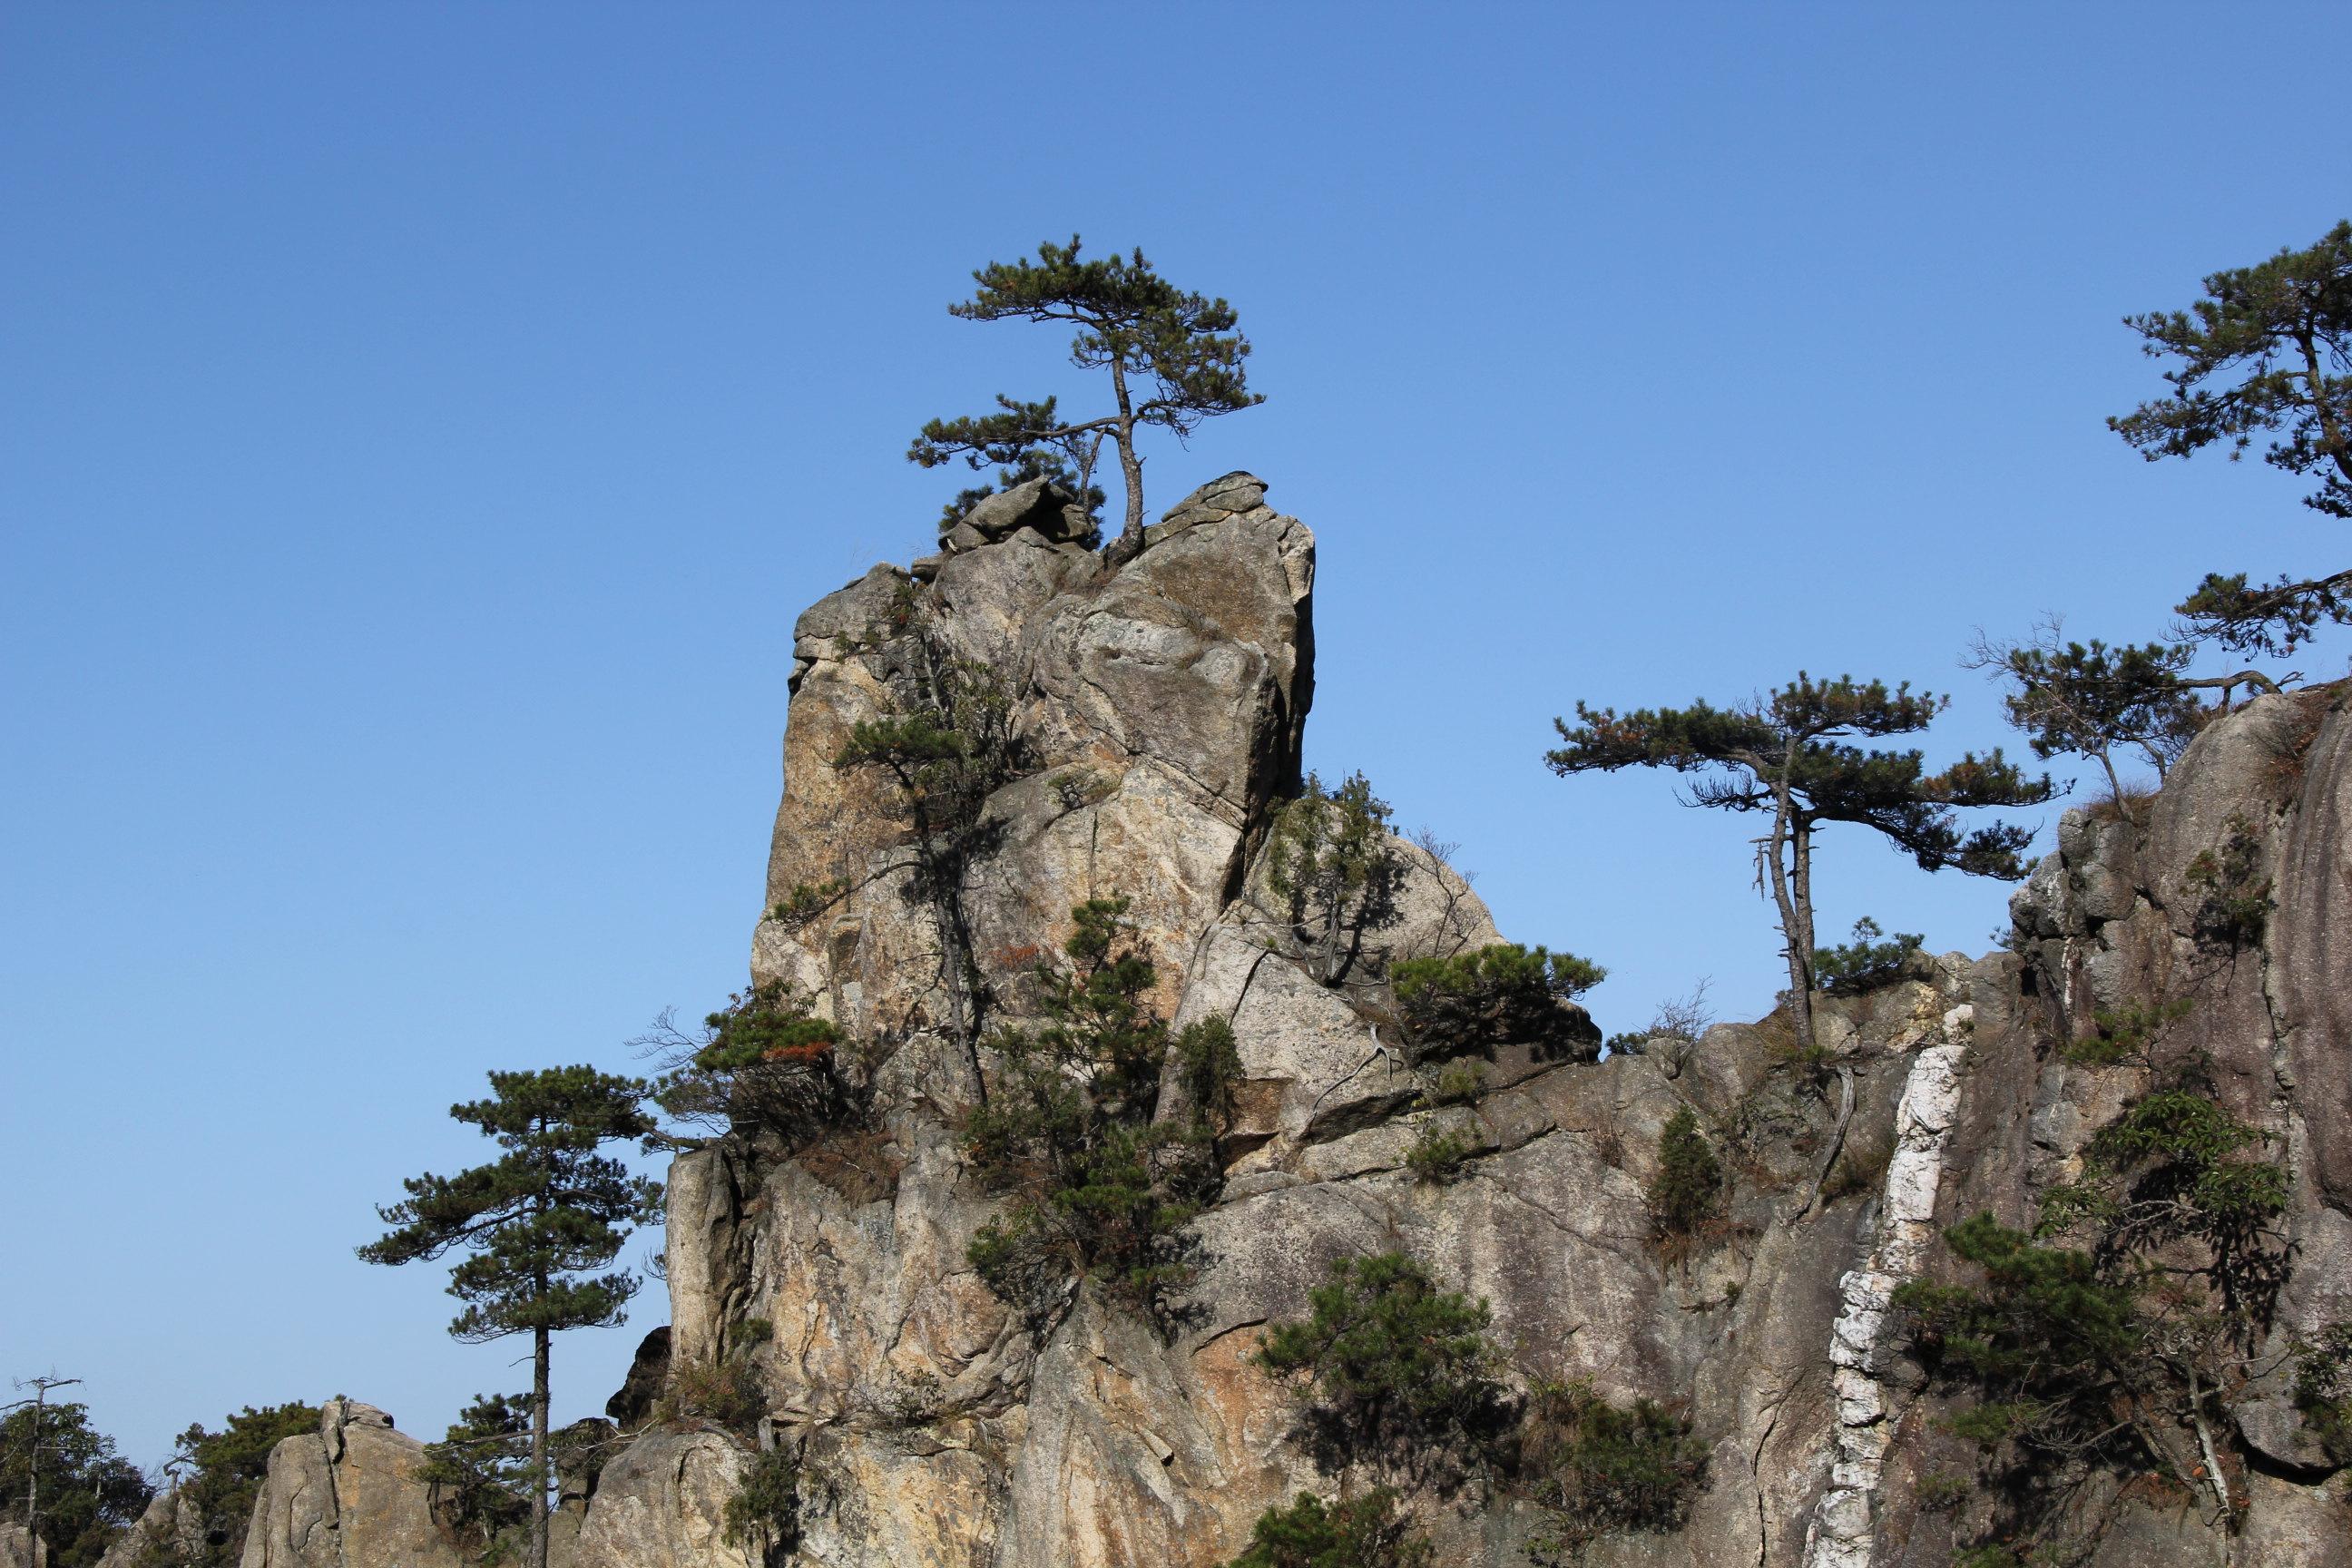 峭壁上的松树,挺拔茂盛